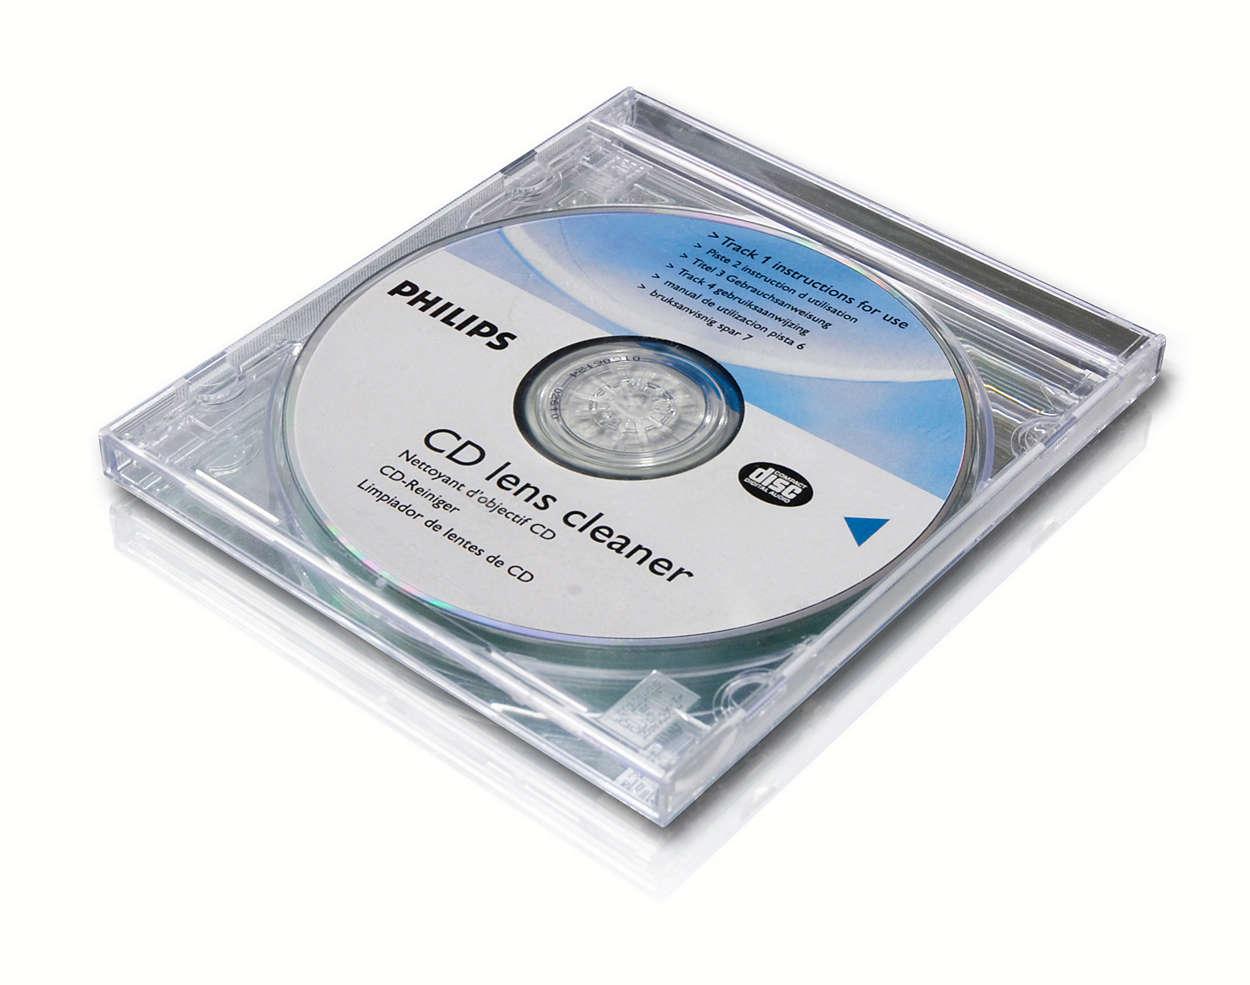 Čistěte a chraňte svůj CD a DVD přehrávač